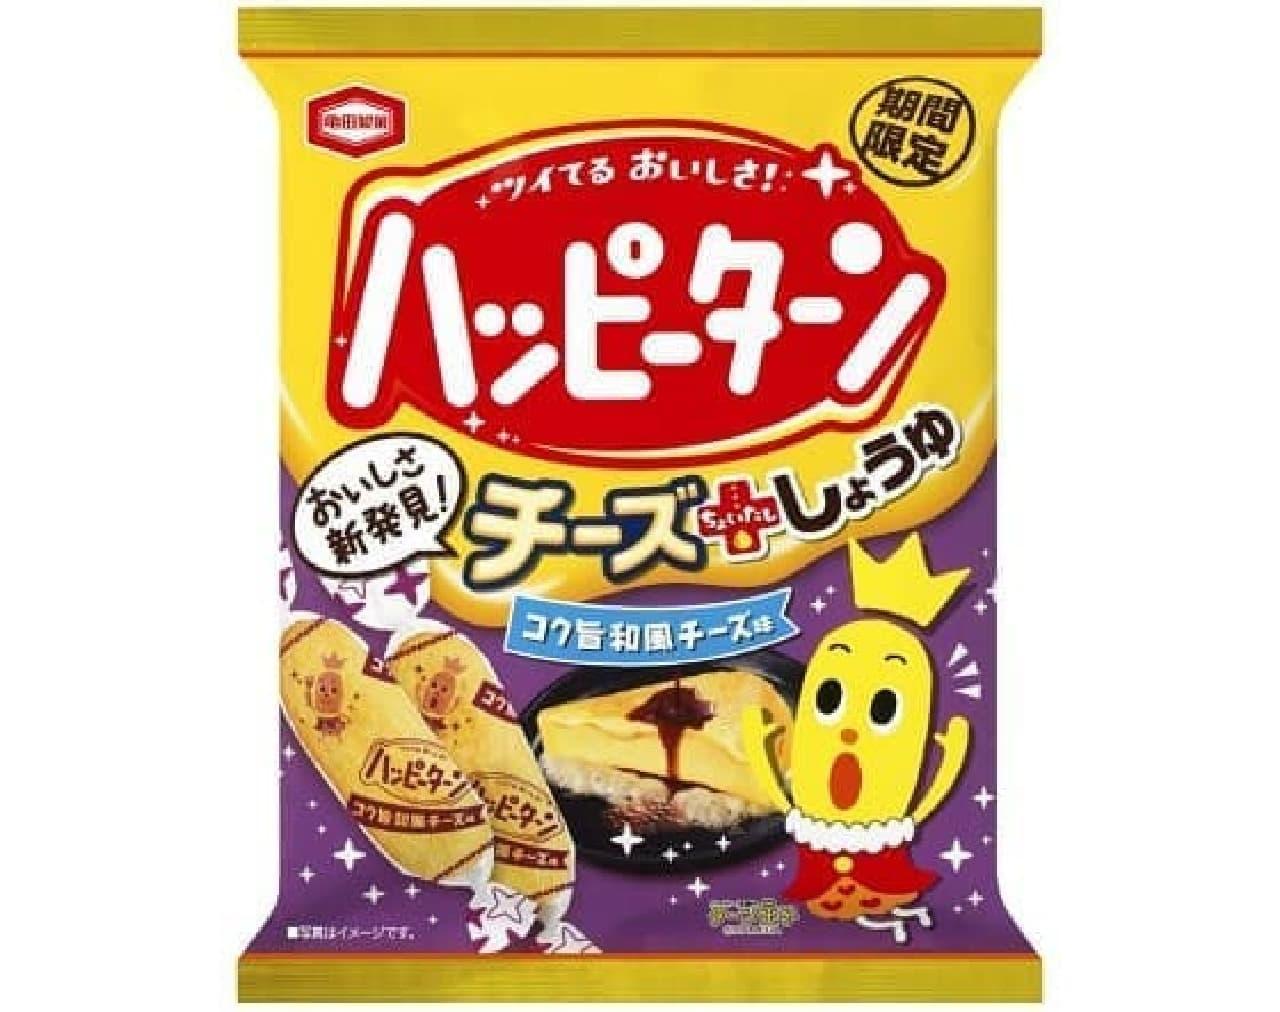 亀田製菓「ハッピーターン コク旨和風チーズ味」